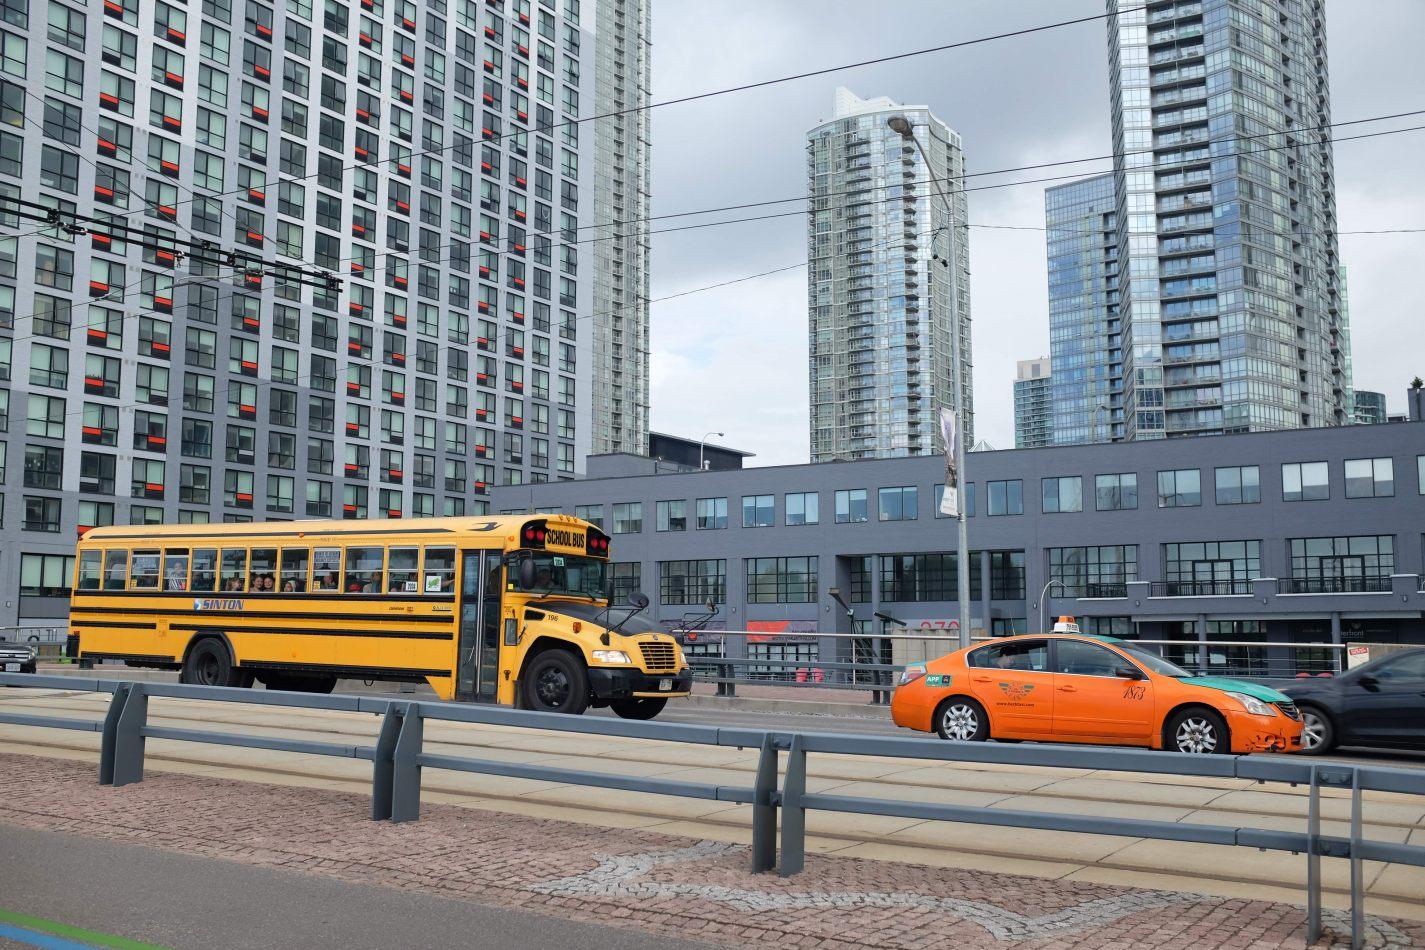 Hibiscus & Nomada : - - Downtown Toronto